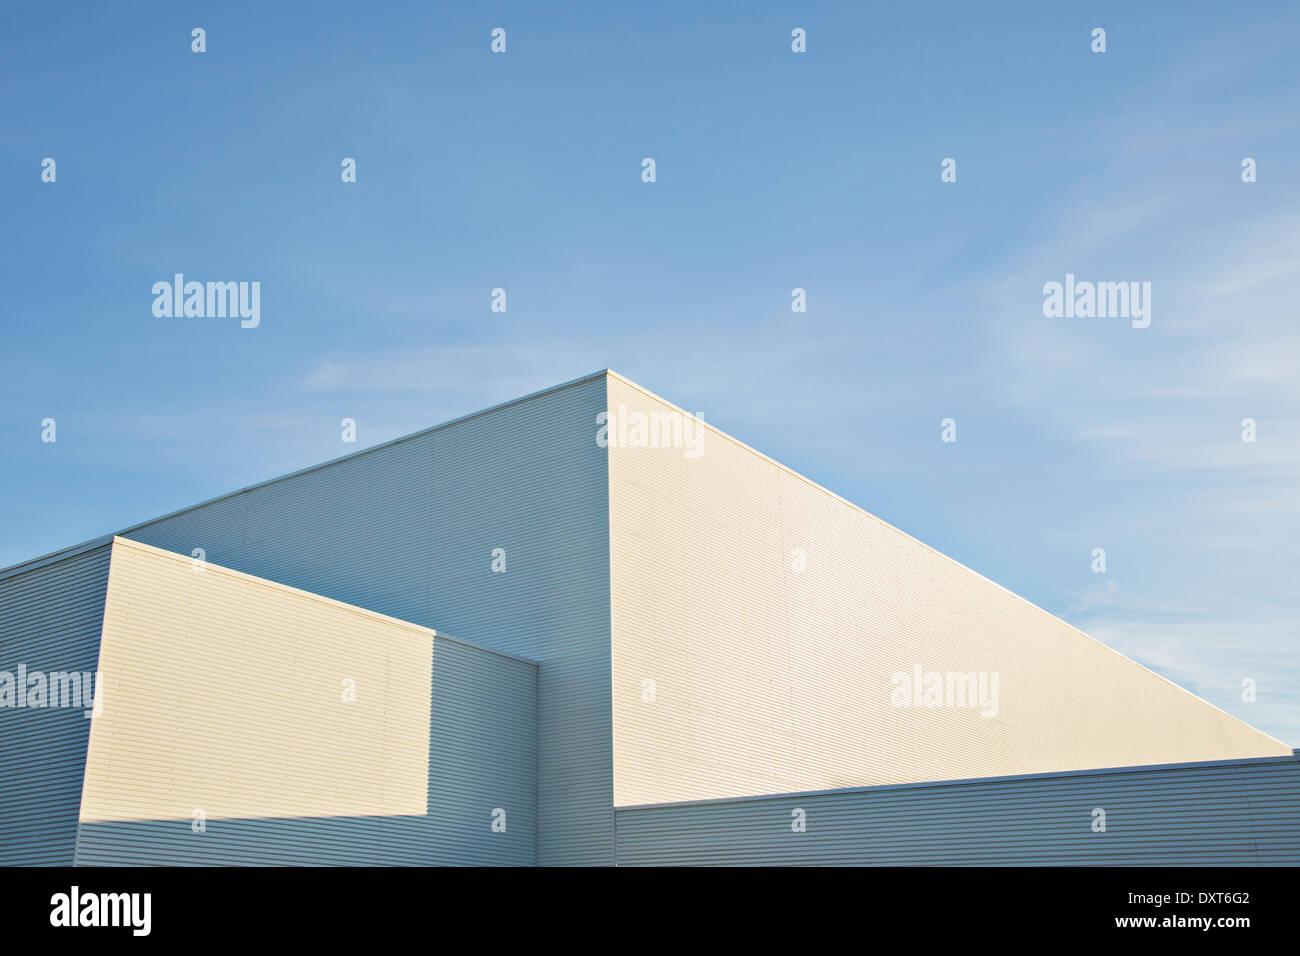 Sonne auf Gebäuden gegen blauen Himmel Stockbild